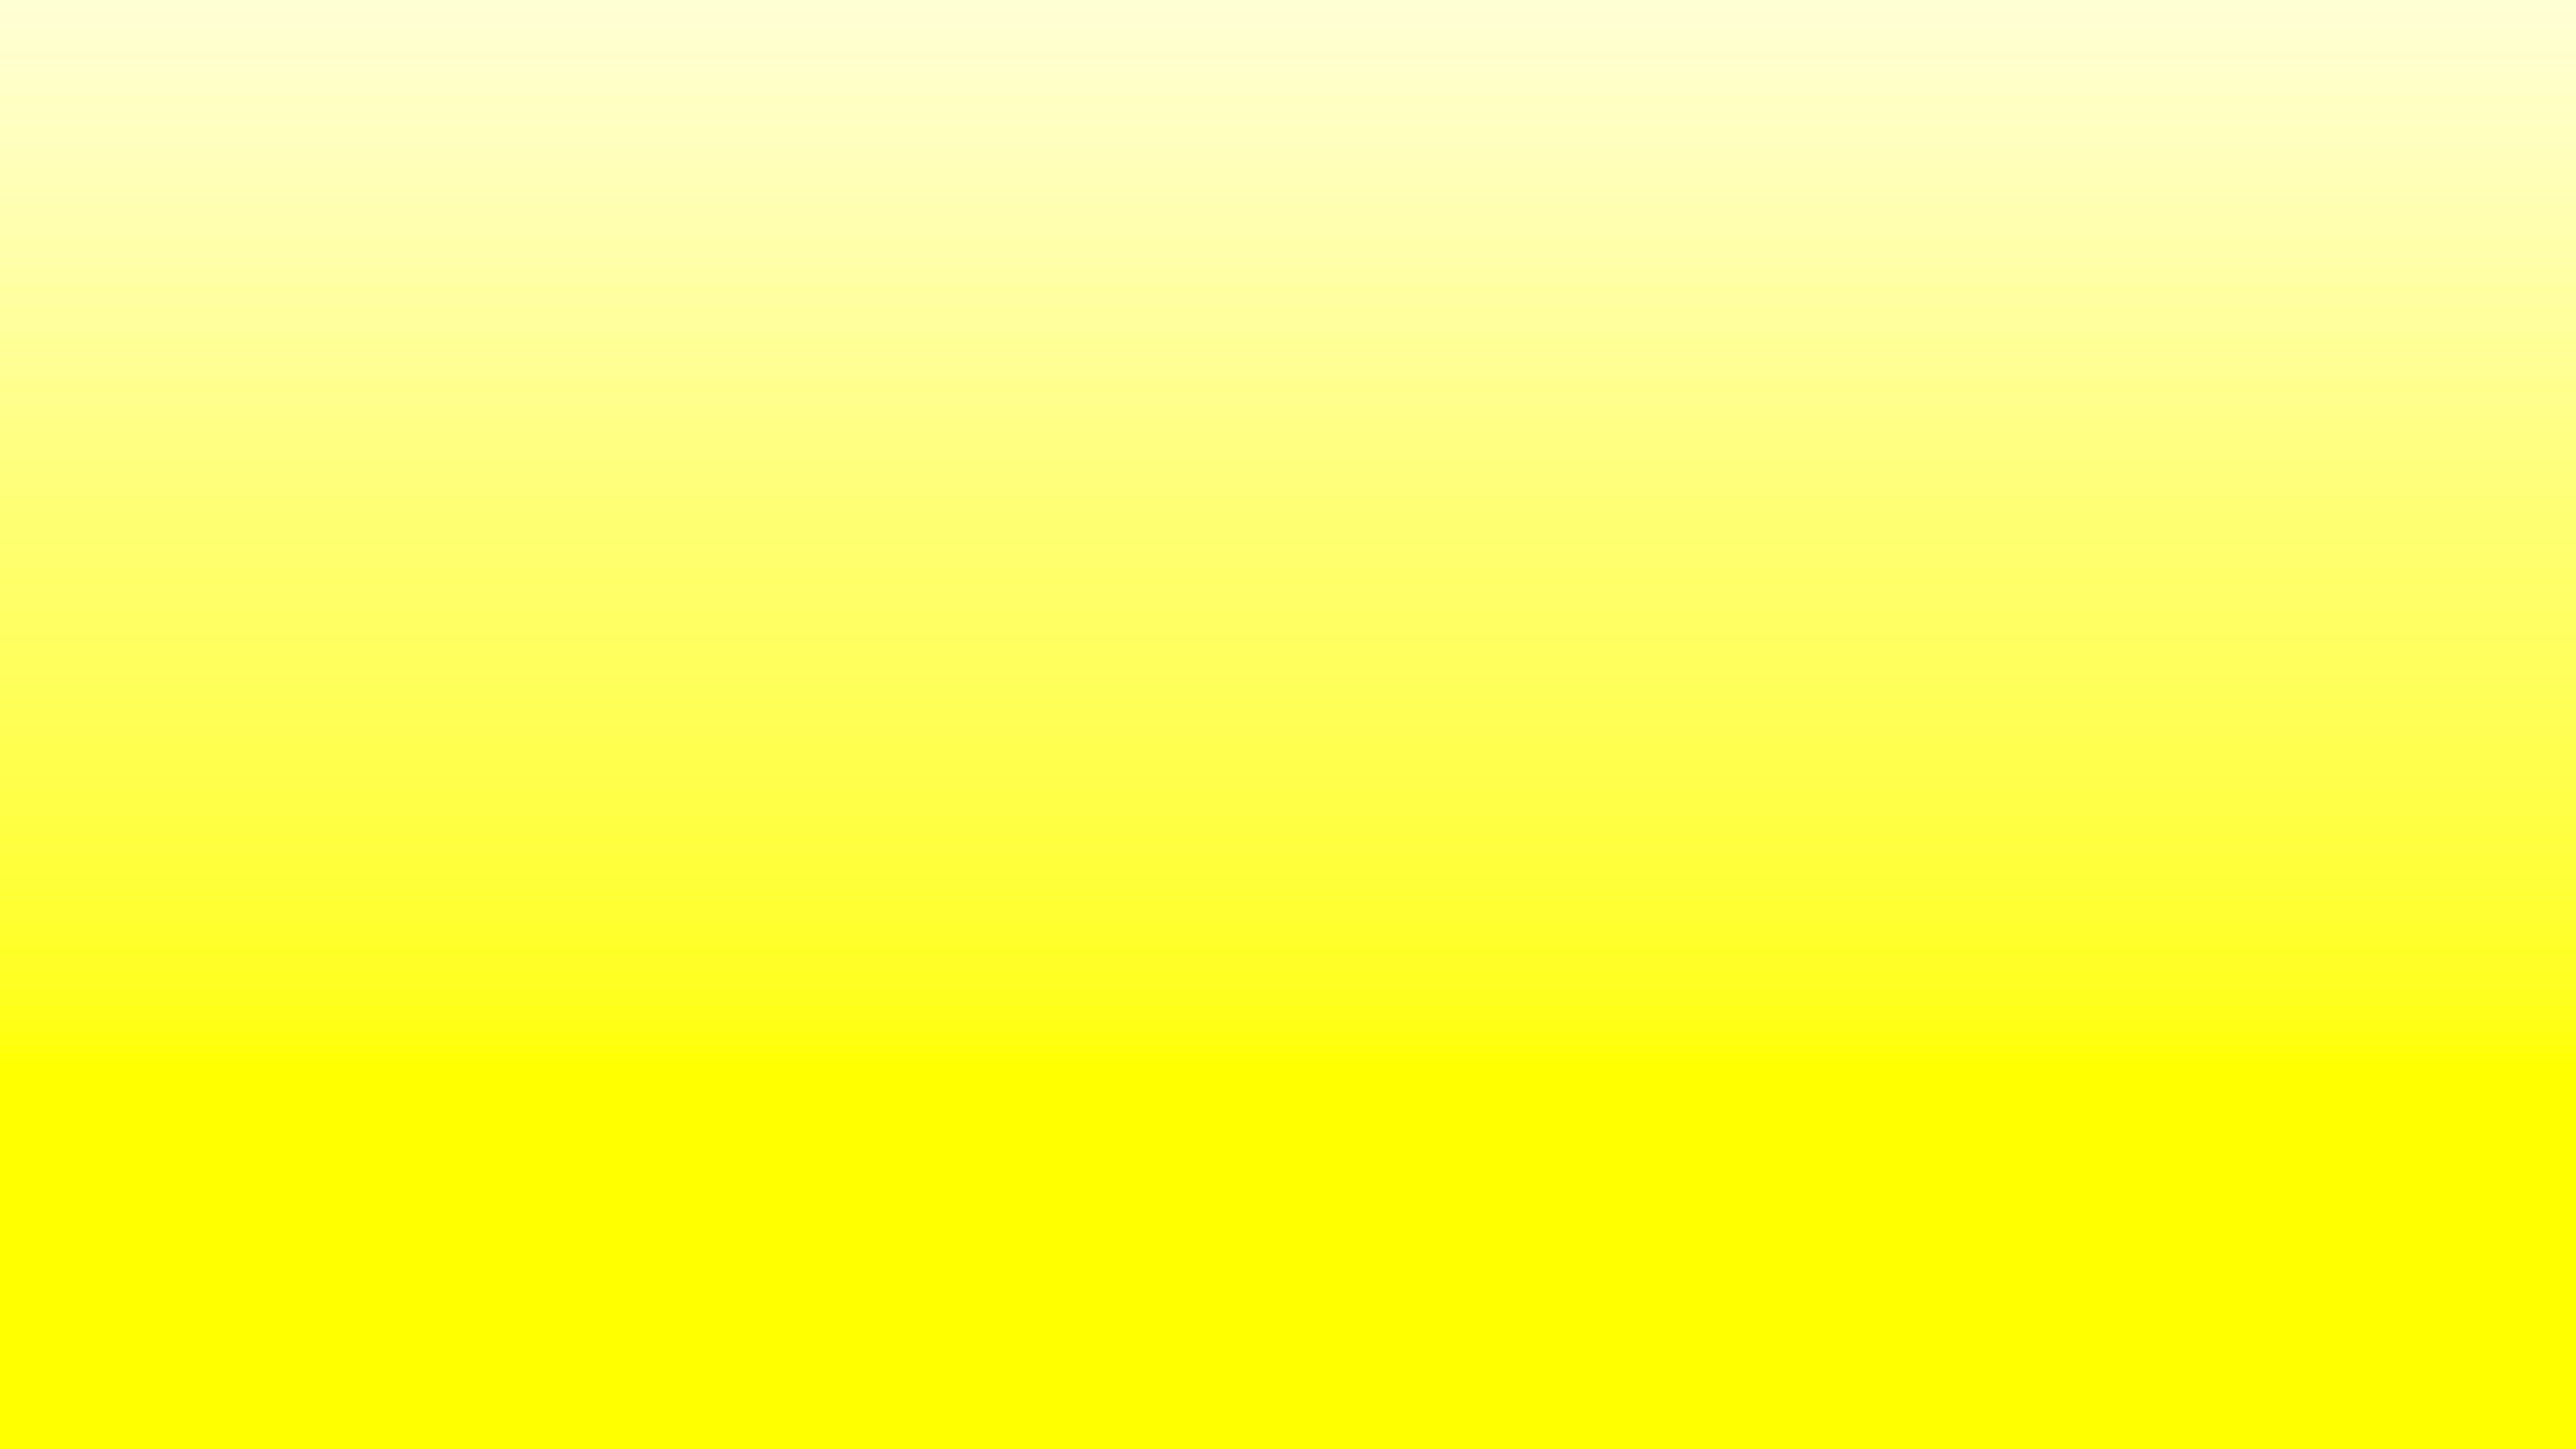 Wallpaper amarelo Background amarelo Plano de fundo amarelo